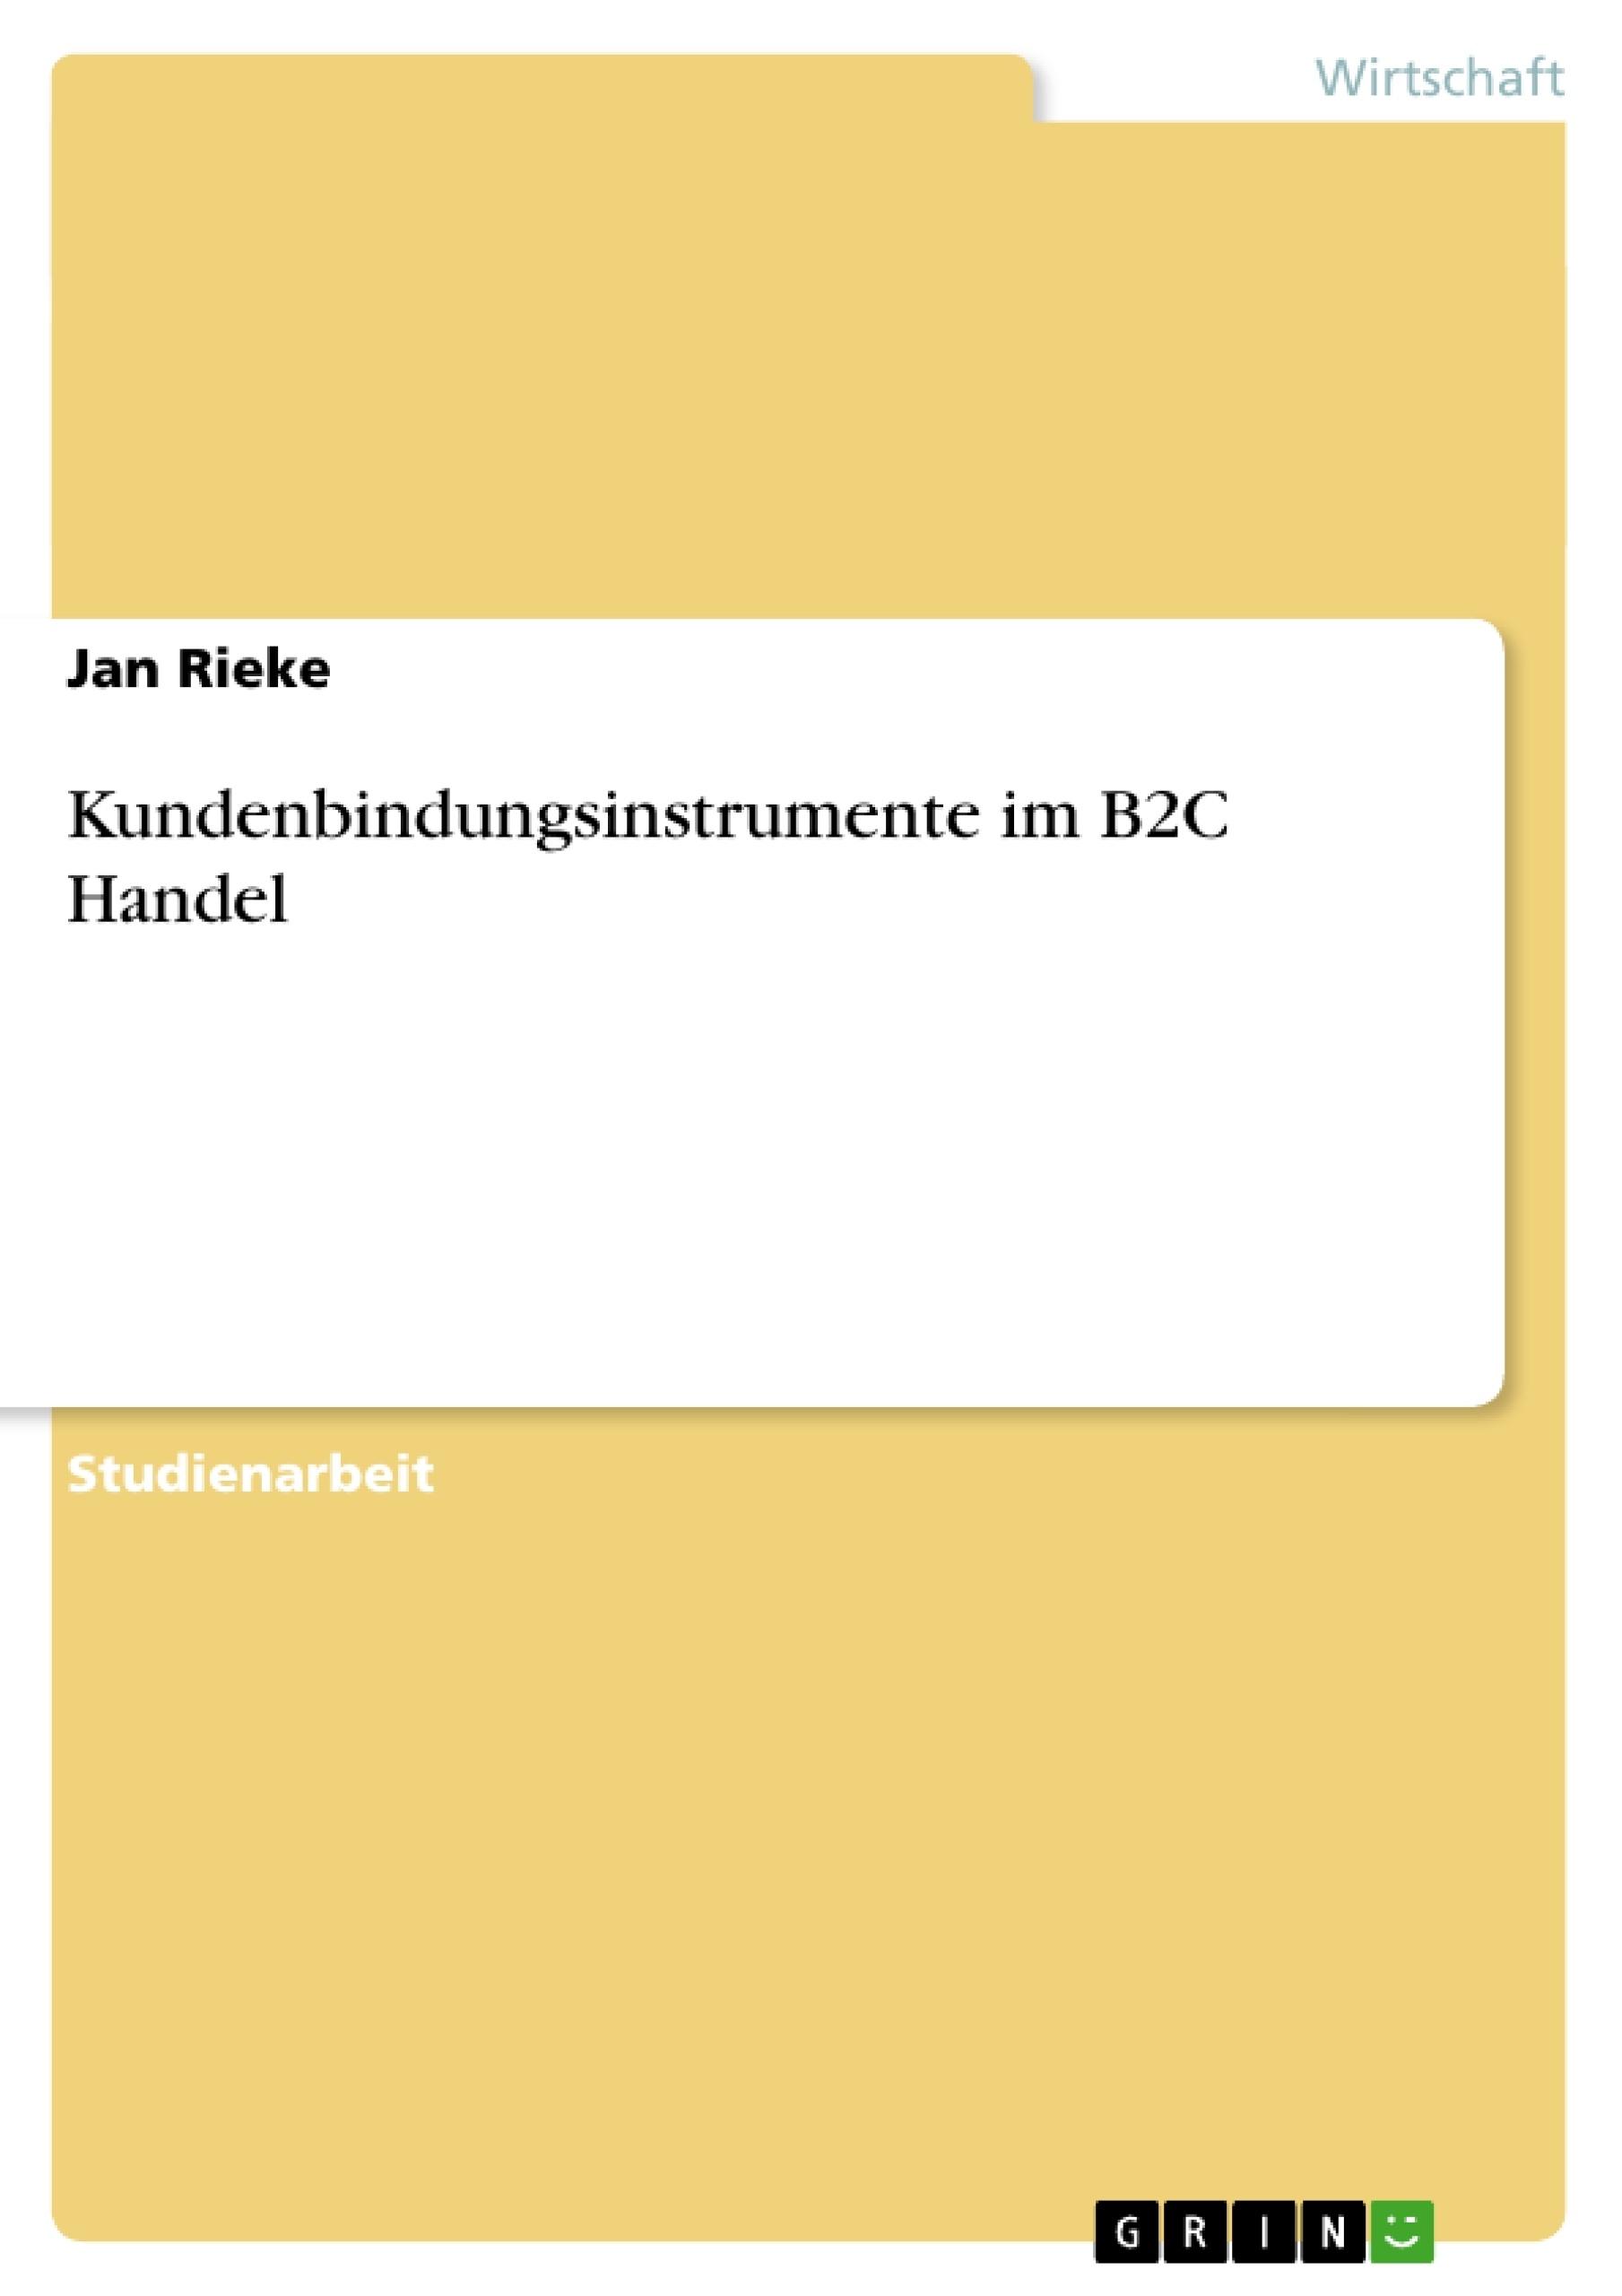 Titel: Kundenbindungsinstrumente im B2C Handel